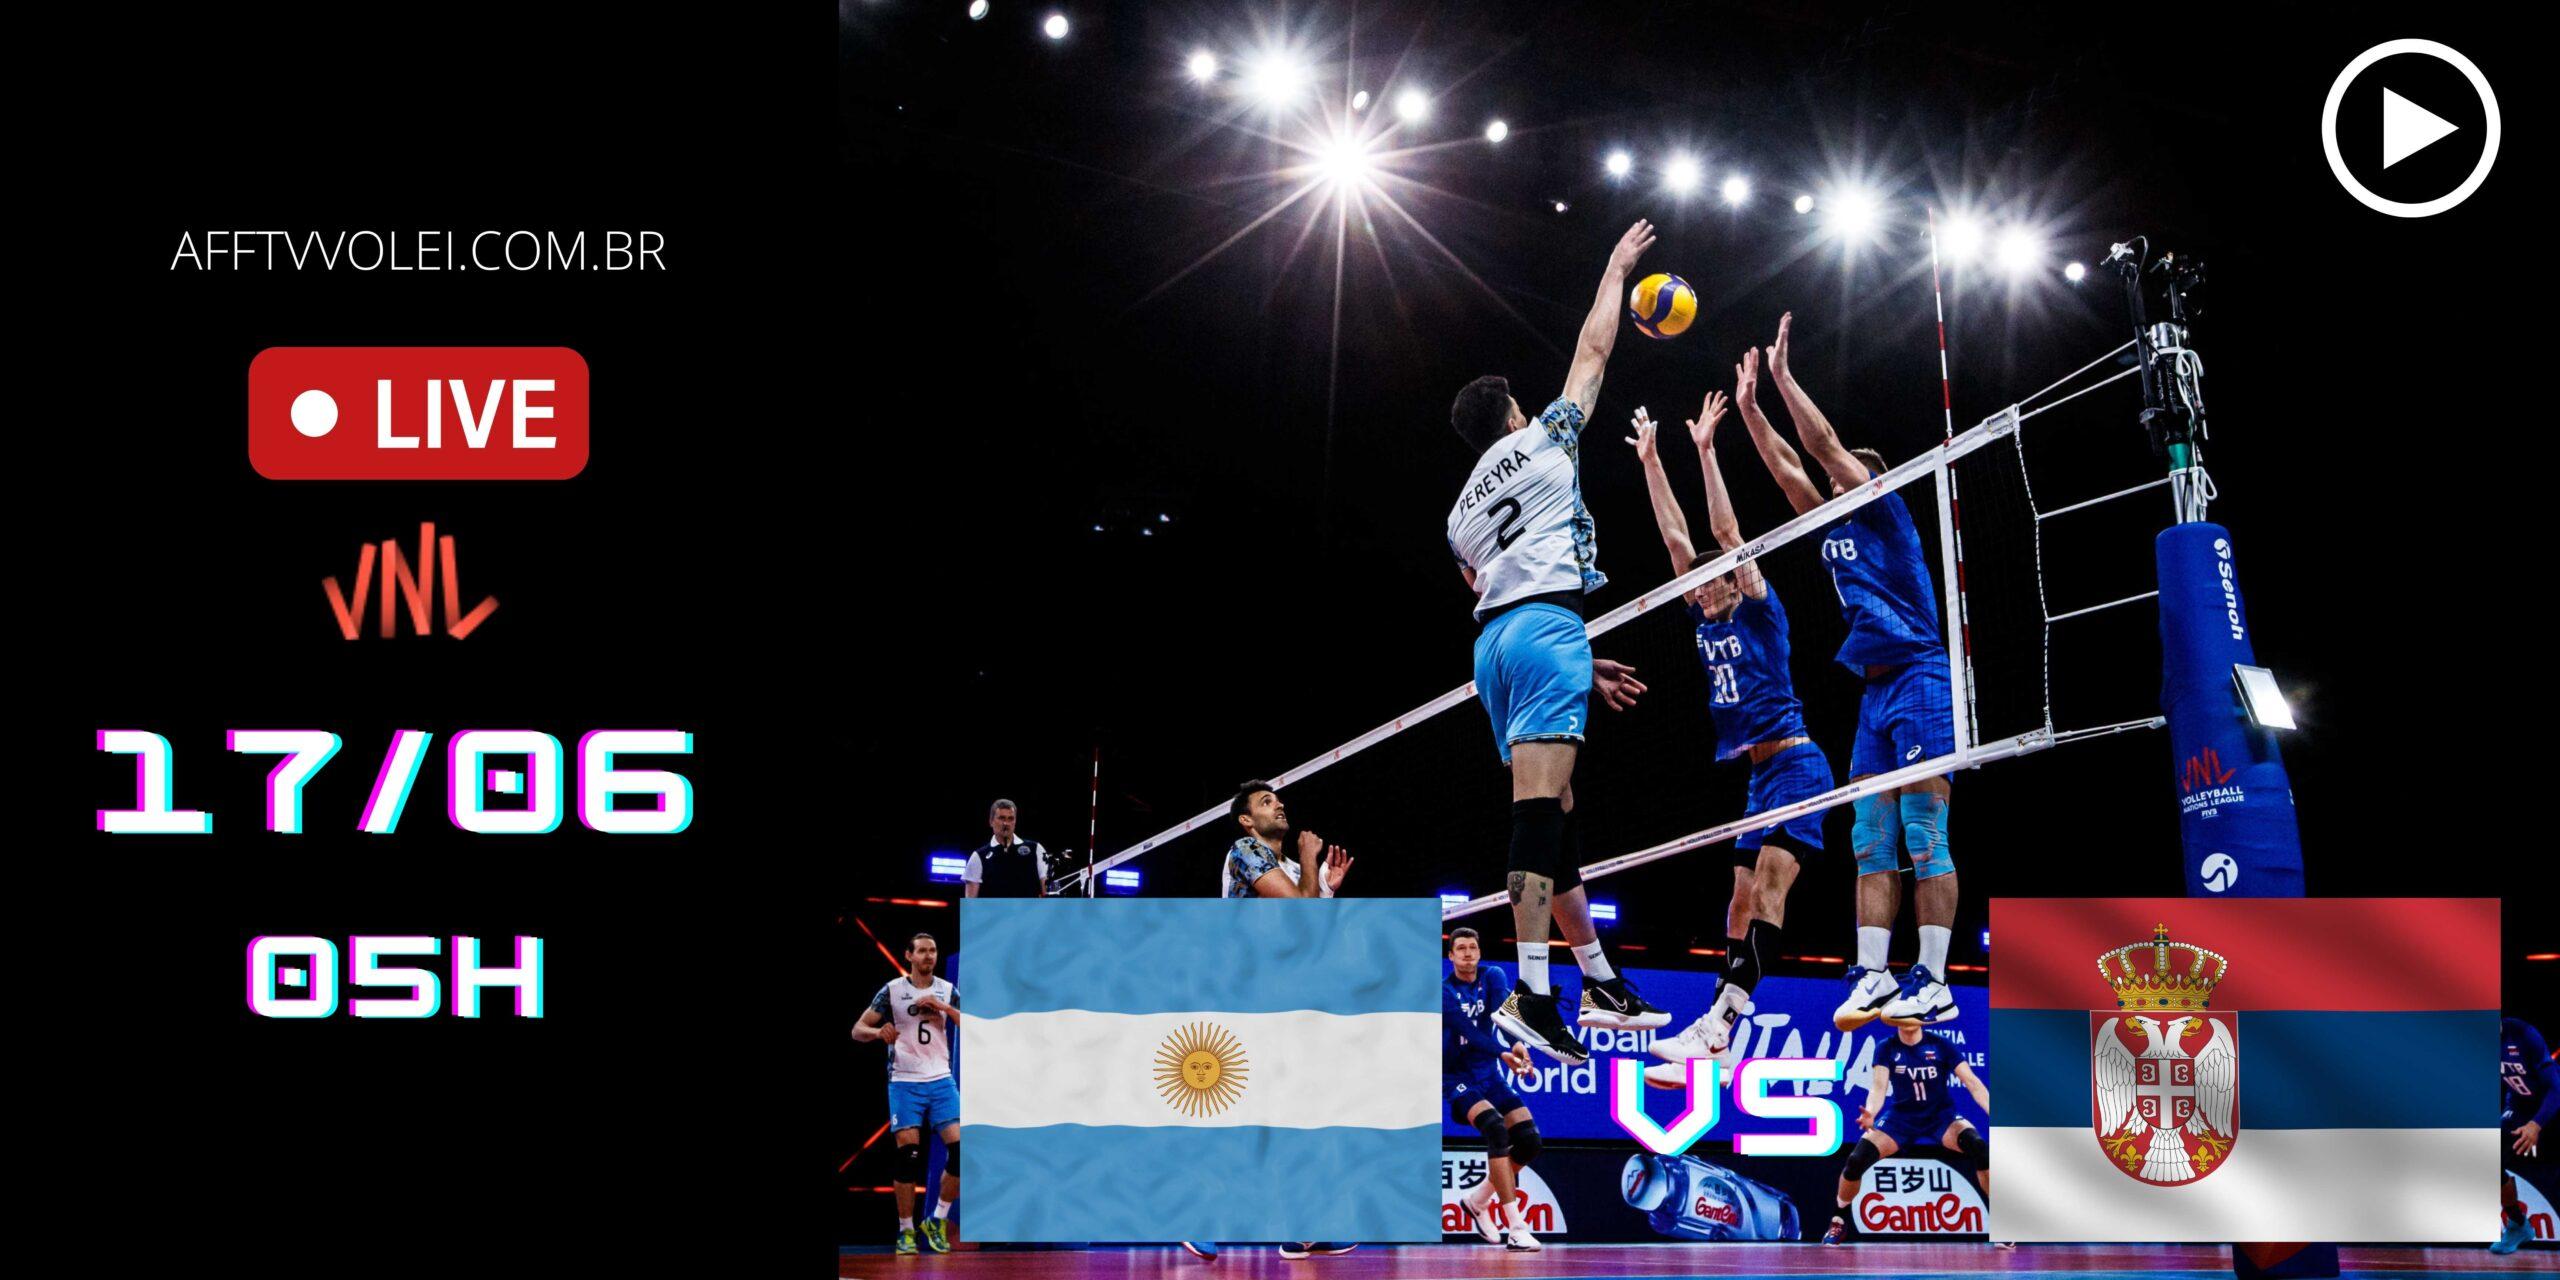 AO VIVO: Argentina vs Sérvia – Liga das Nações – 17/06 – 05h